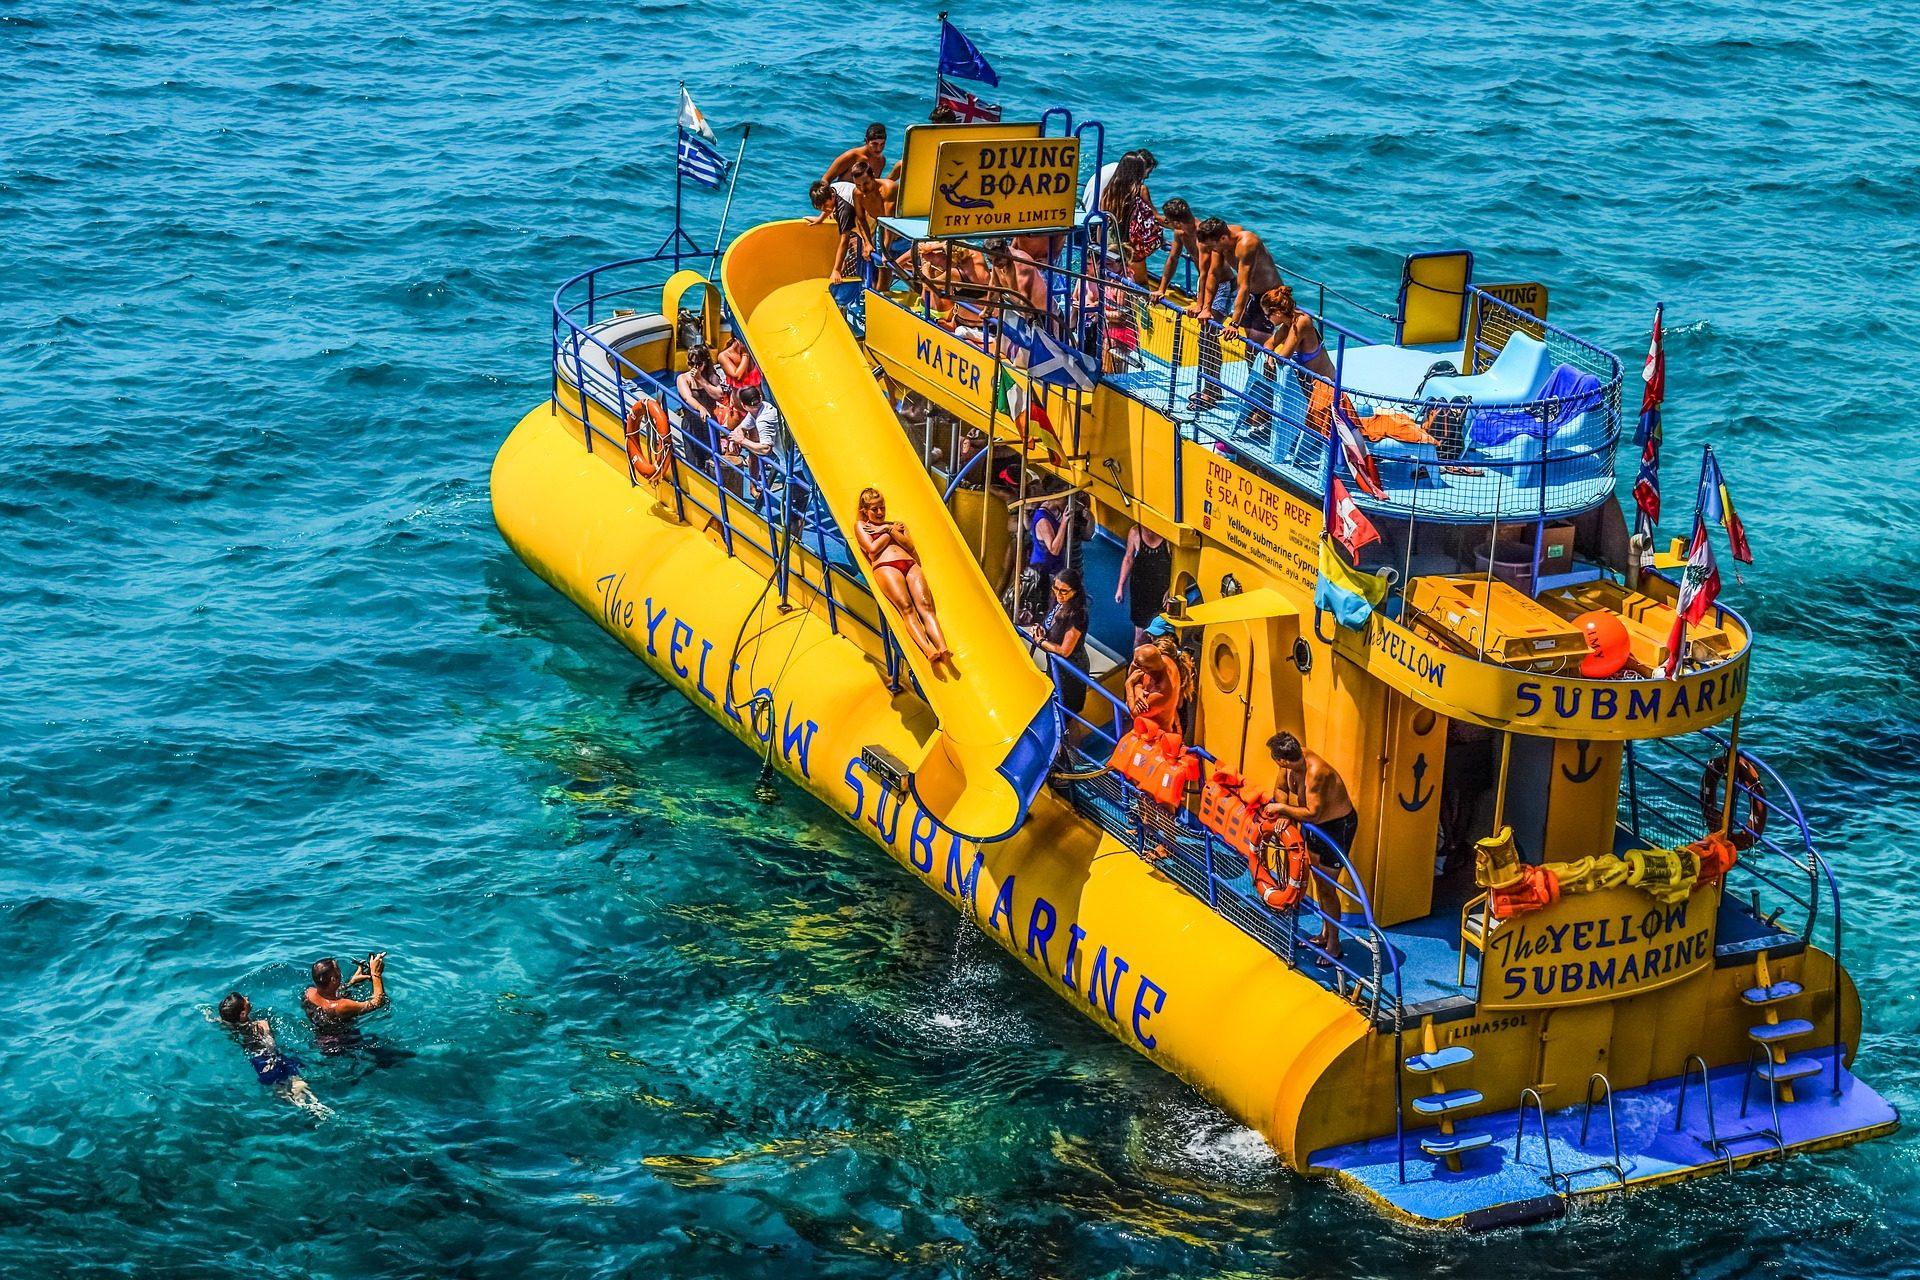 barco, barco, diversão, festa, Jogos, Mar - Papéis de parede HD - Professor-falken.com